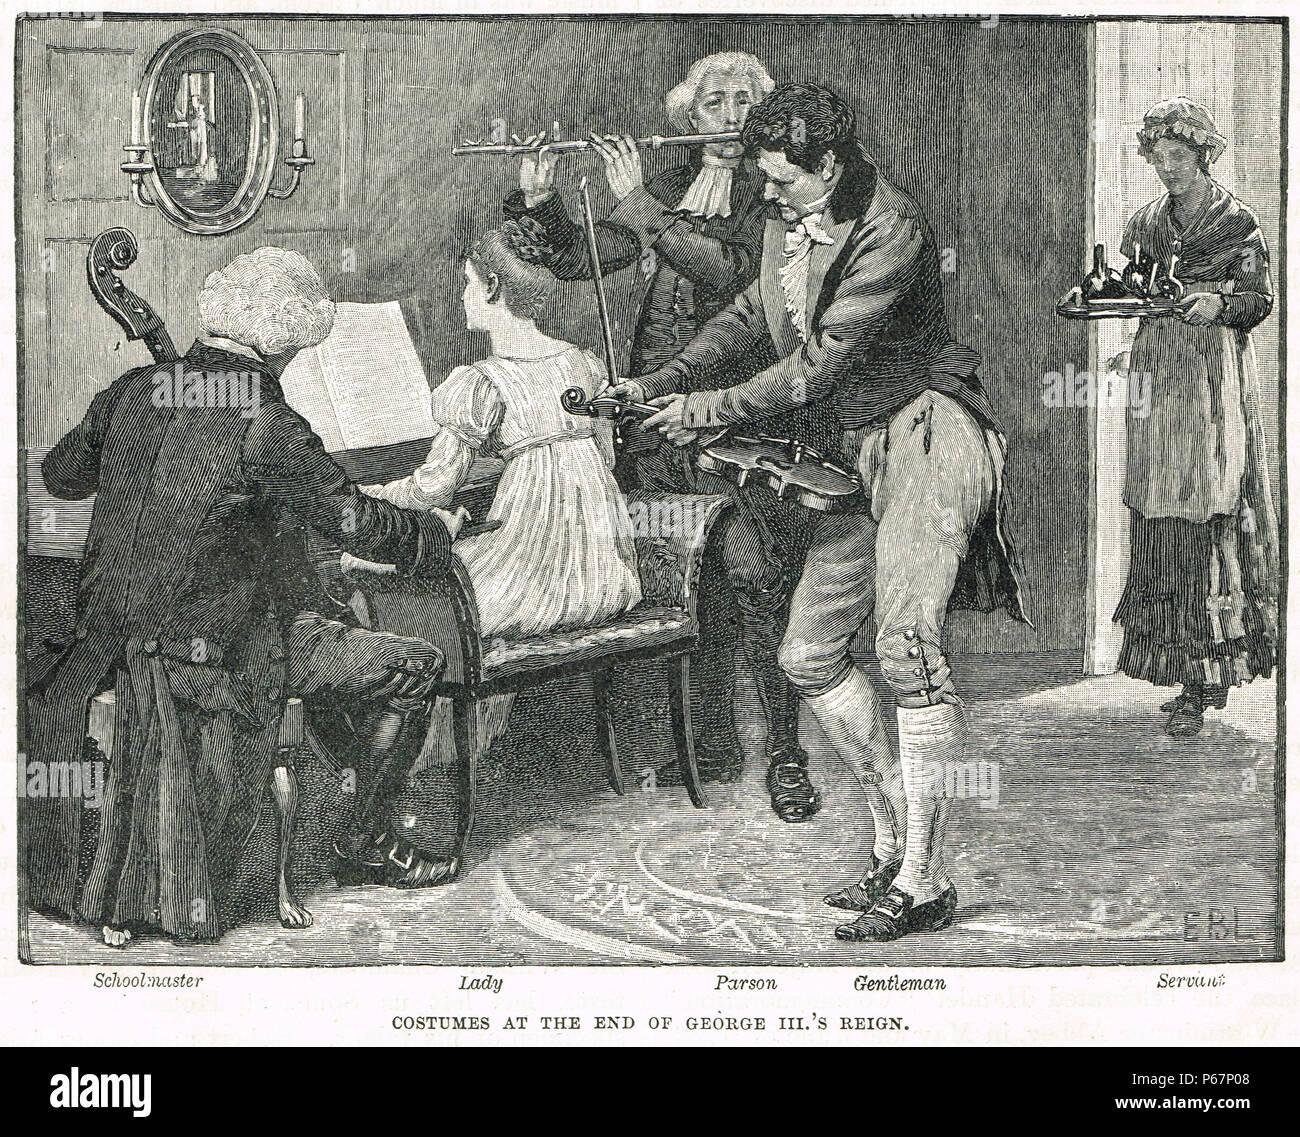 Kostüme am Ende der Regierungszeit von George III. Stockbild